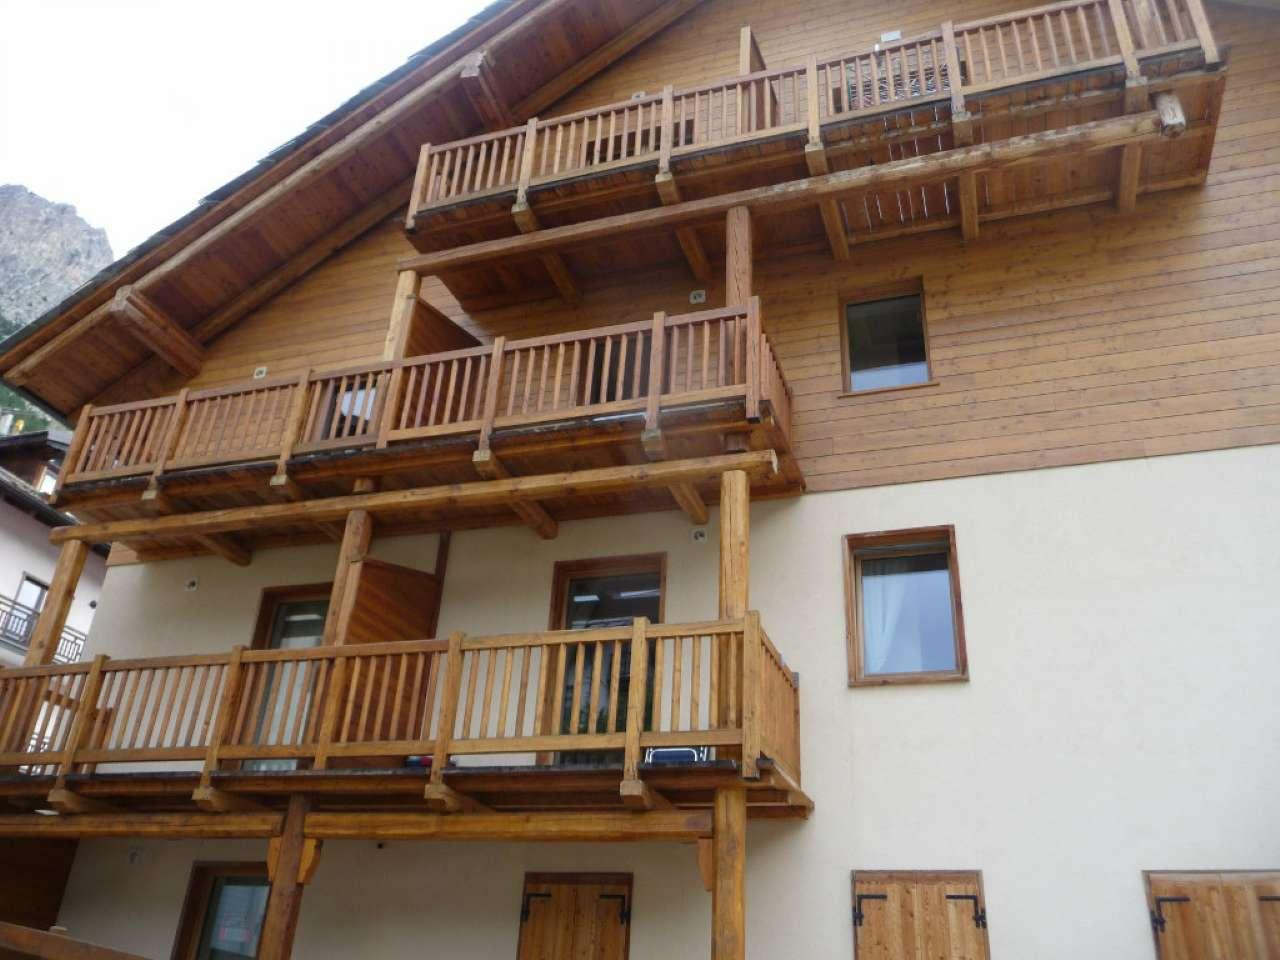 Palazzo / Stabile in vendita a Claviere, 2 locali, prezzo € 225.000 | CambioCasa.it